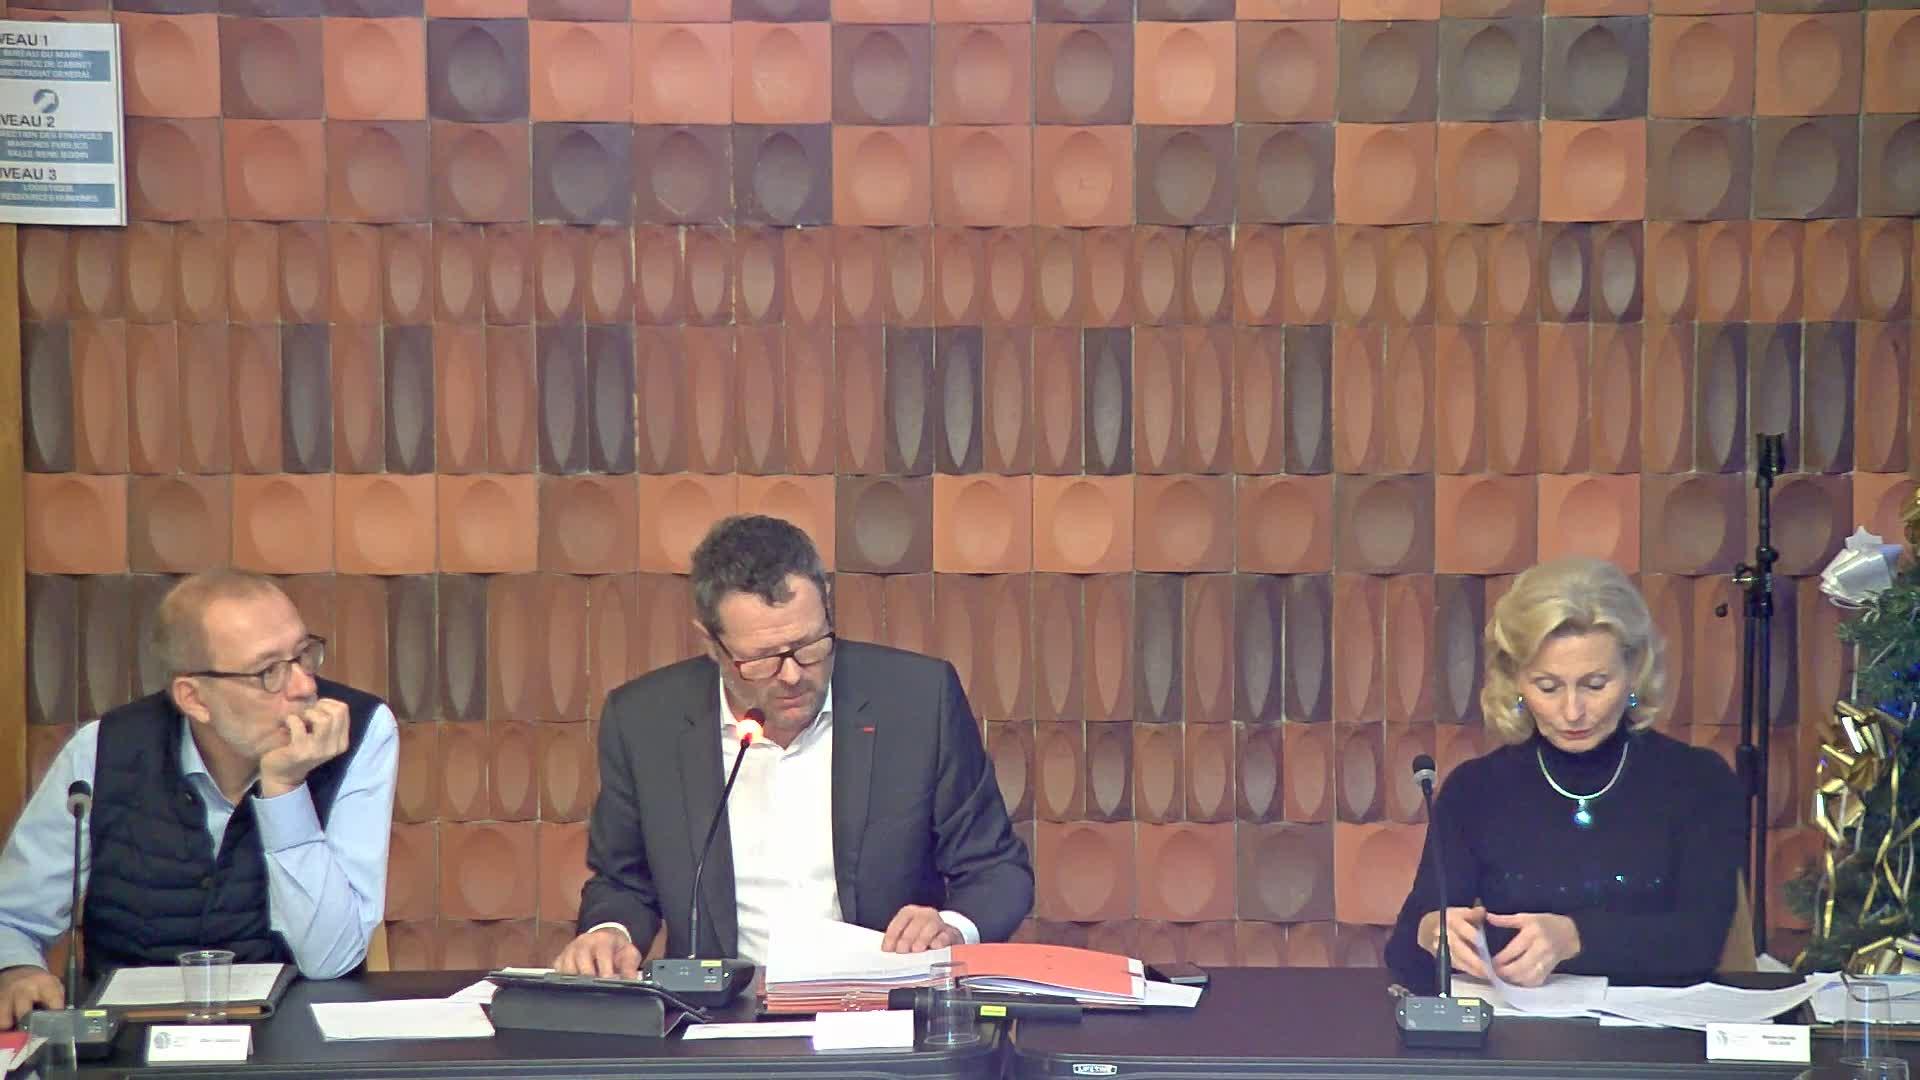 Protocole d'engagements renforcés et réciproques: avenant au contrat de ville 2015-2022